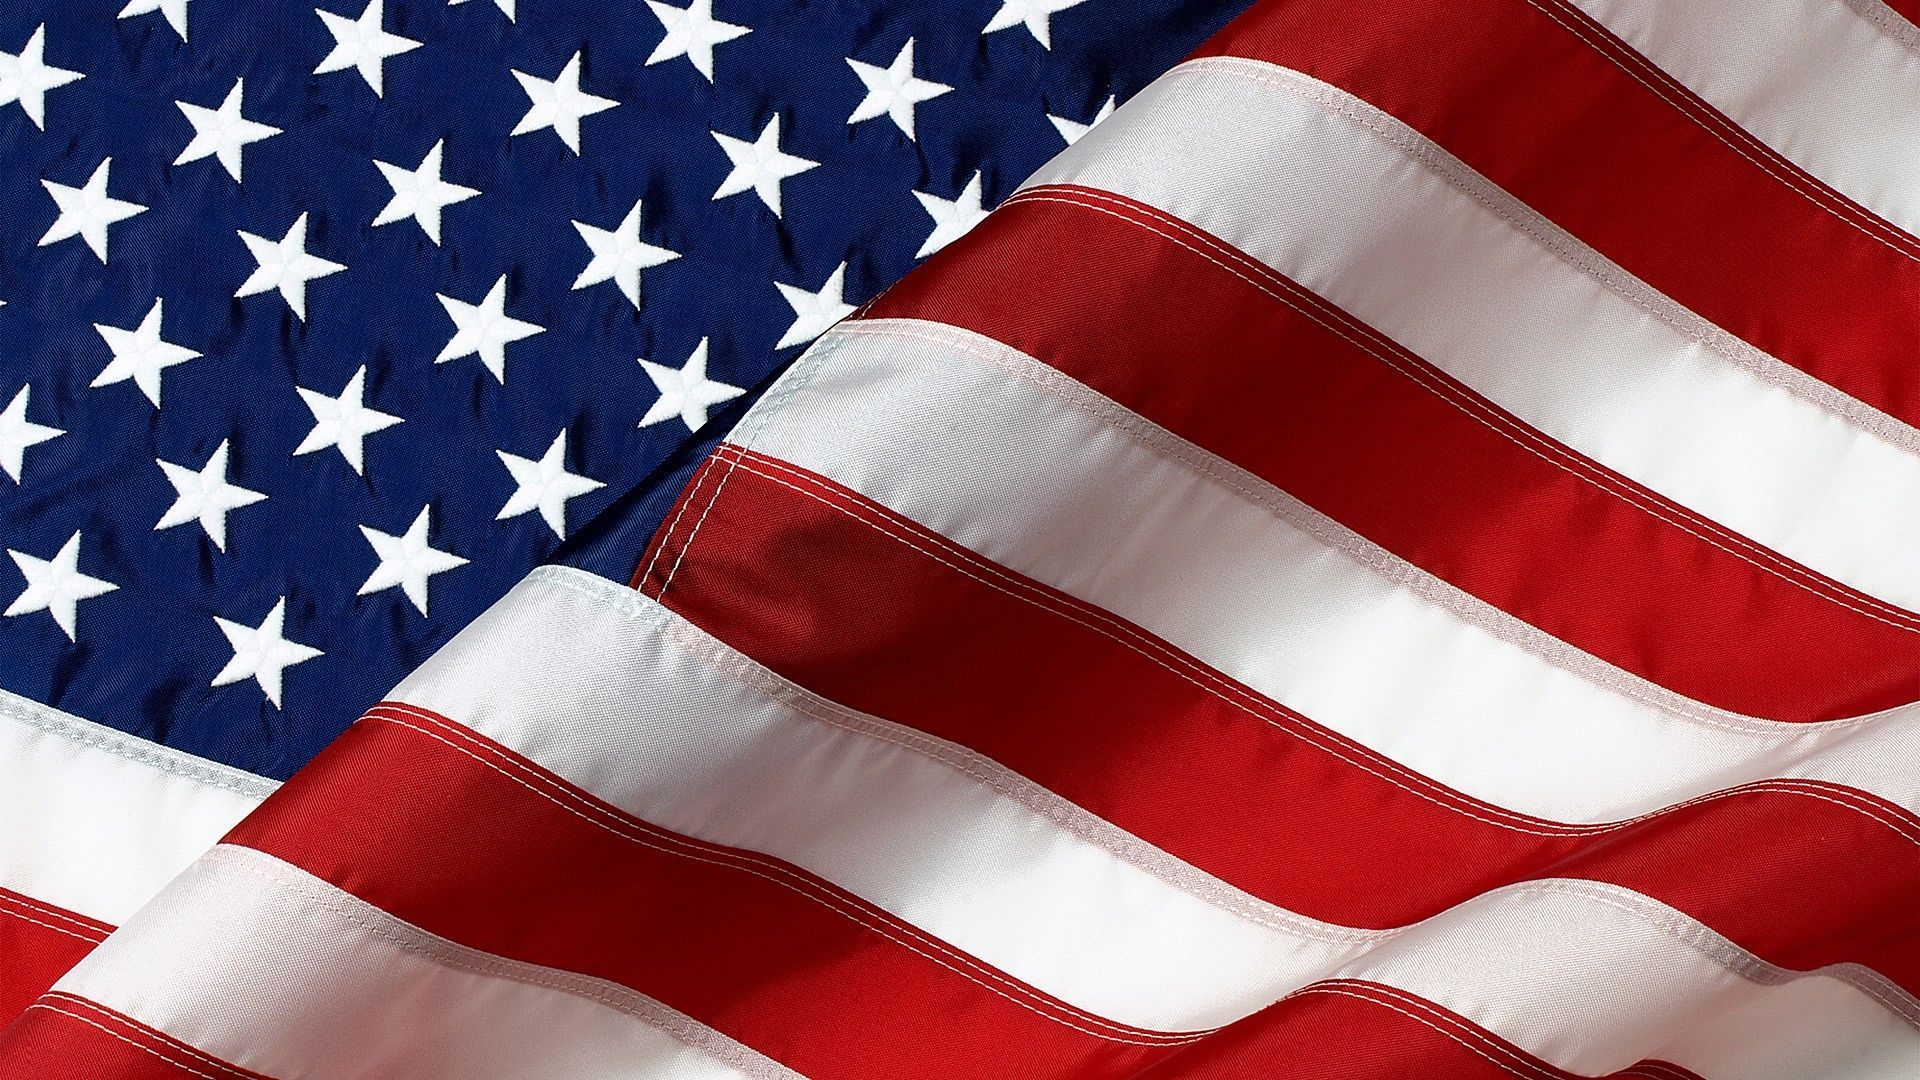 Hd wallpaper usa flag - Best Ideas About American Flag Wallpaper On Pinterest Hd Wallpapers Pinterest American Flag Wallpaper And Wallpaper